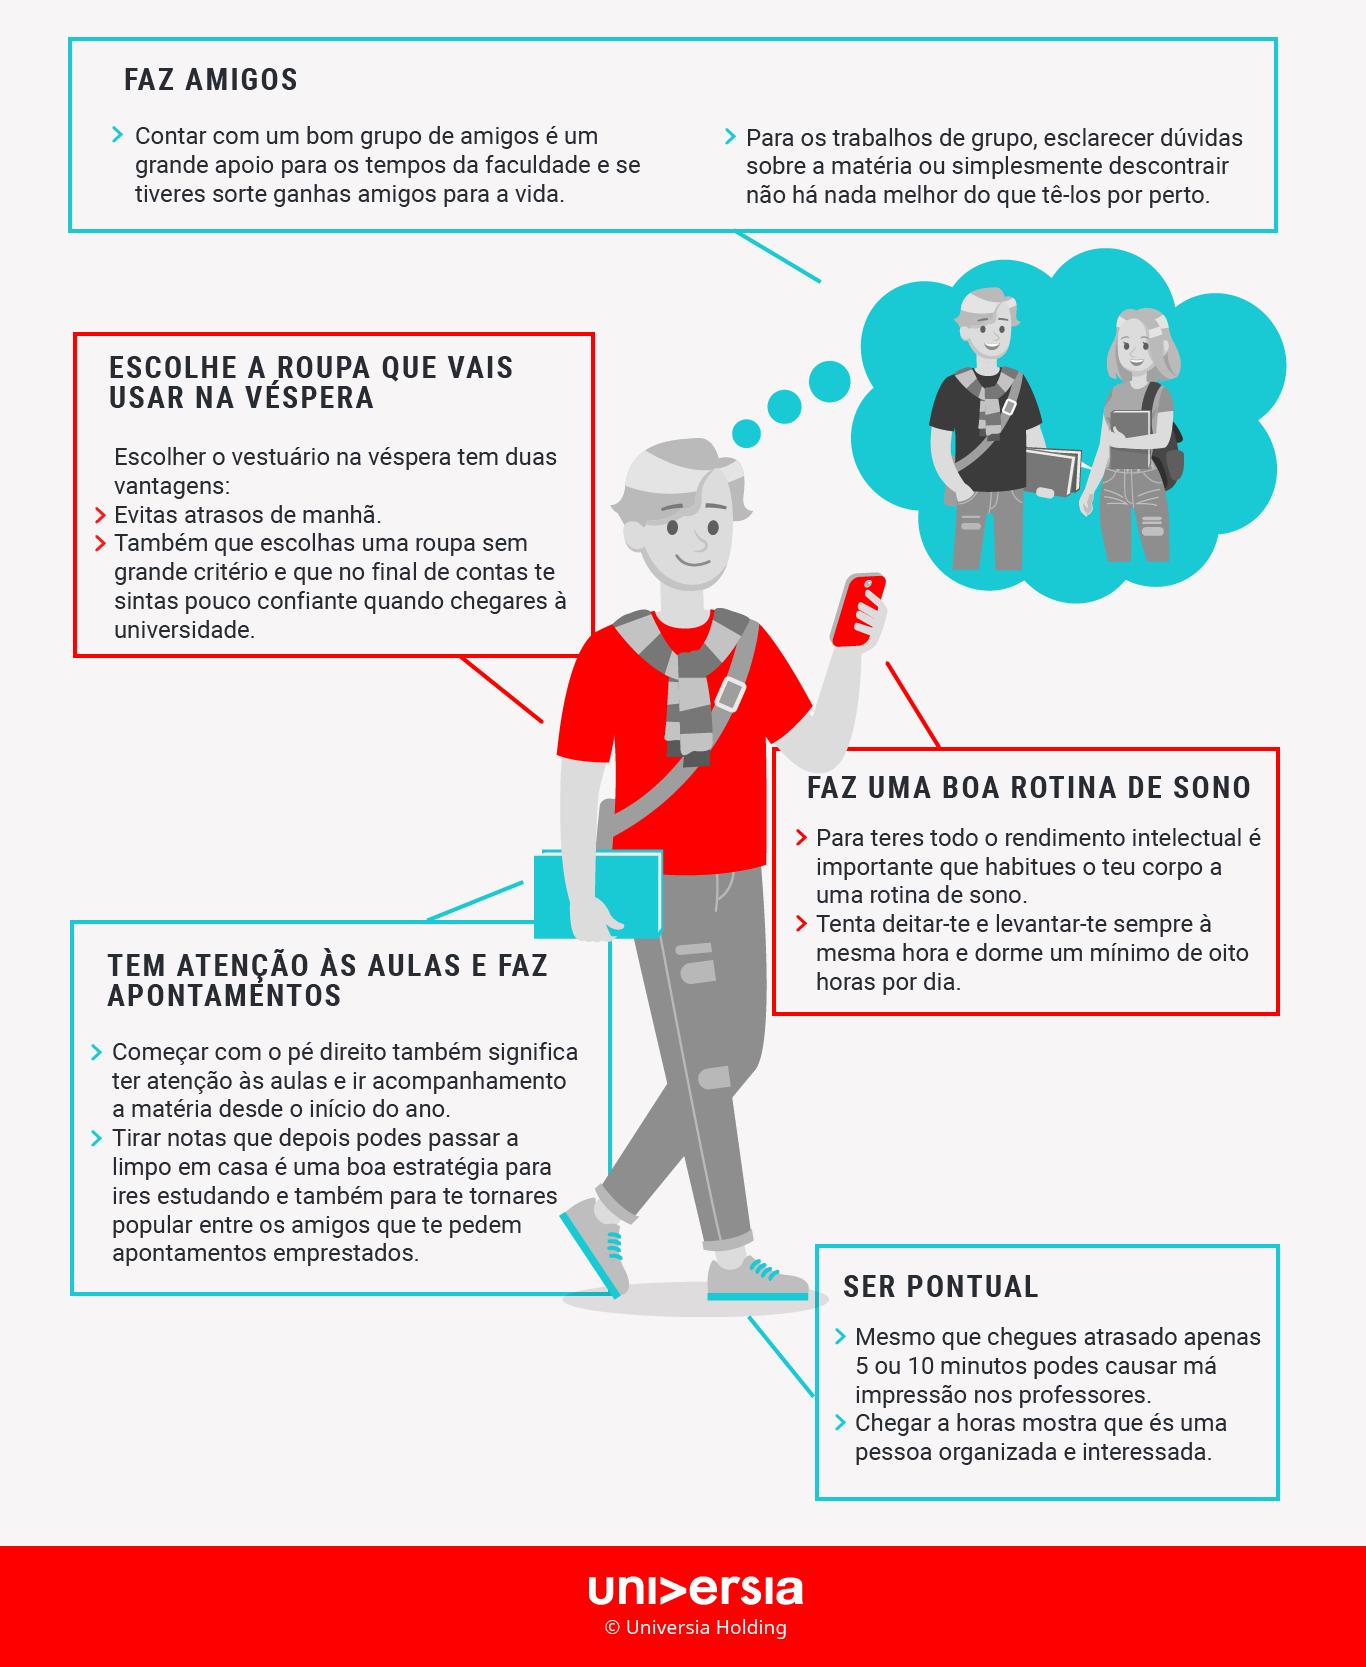 Infografía: 5 conselhos para começar a universidade com o pé direito